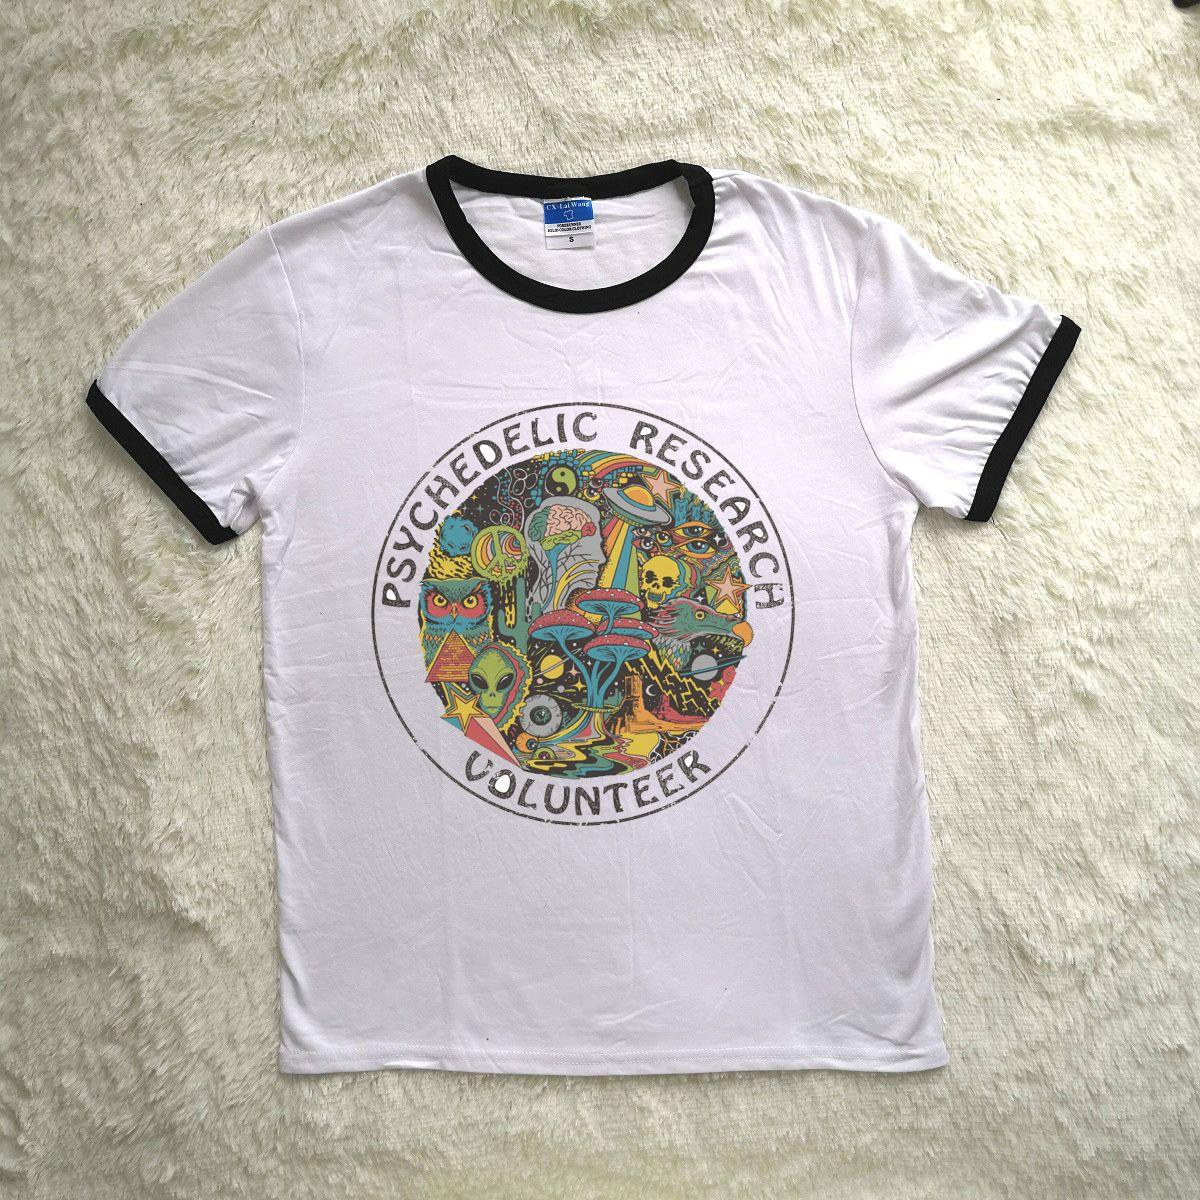 Hillbilly nouvel été manches courtes recherche psychédélique volontaire imprimé T-shirt femme Vintage T-shirt des années 90 fille Casual Toptees Y19042501